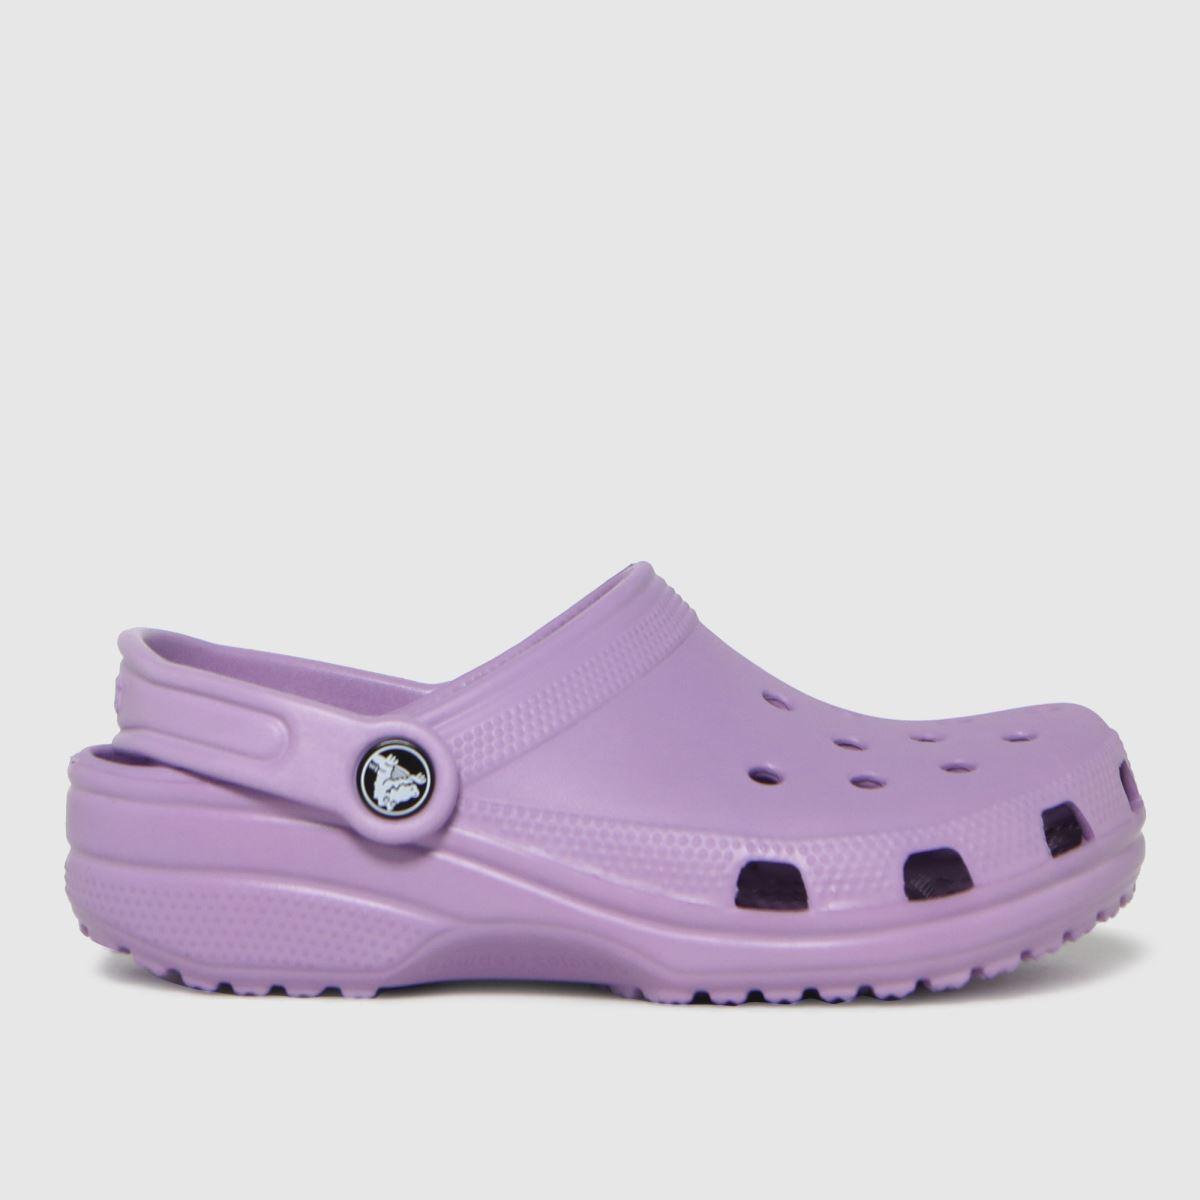 Crocs Lilac Classic Clog SANDAL Junior